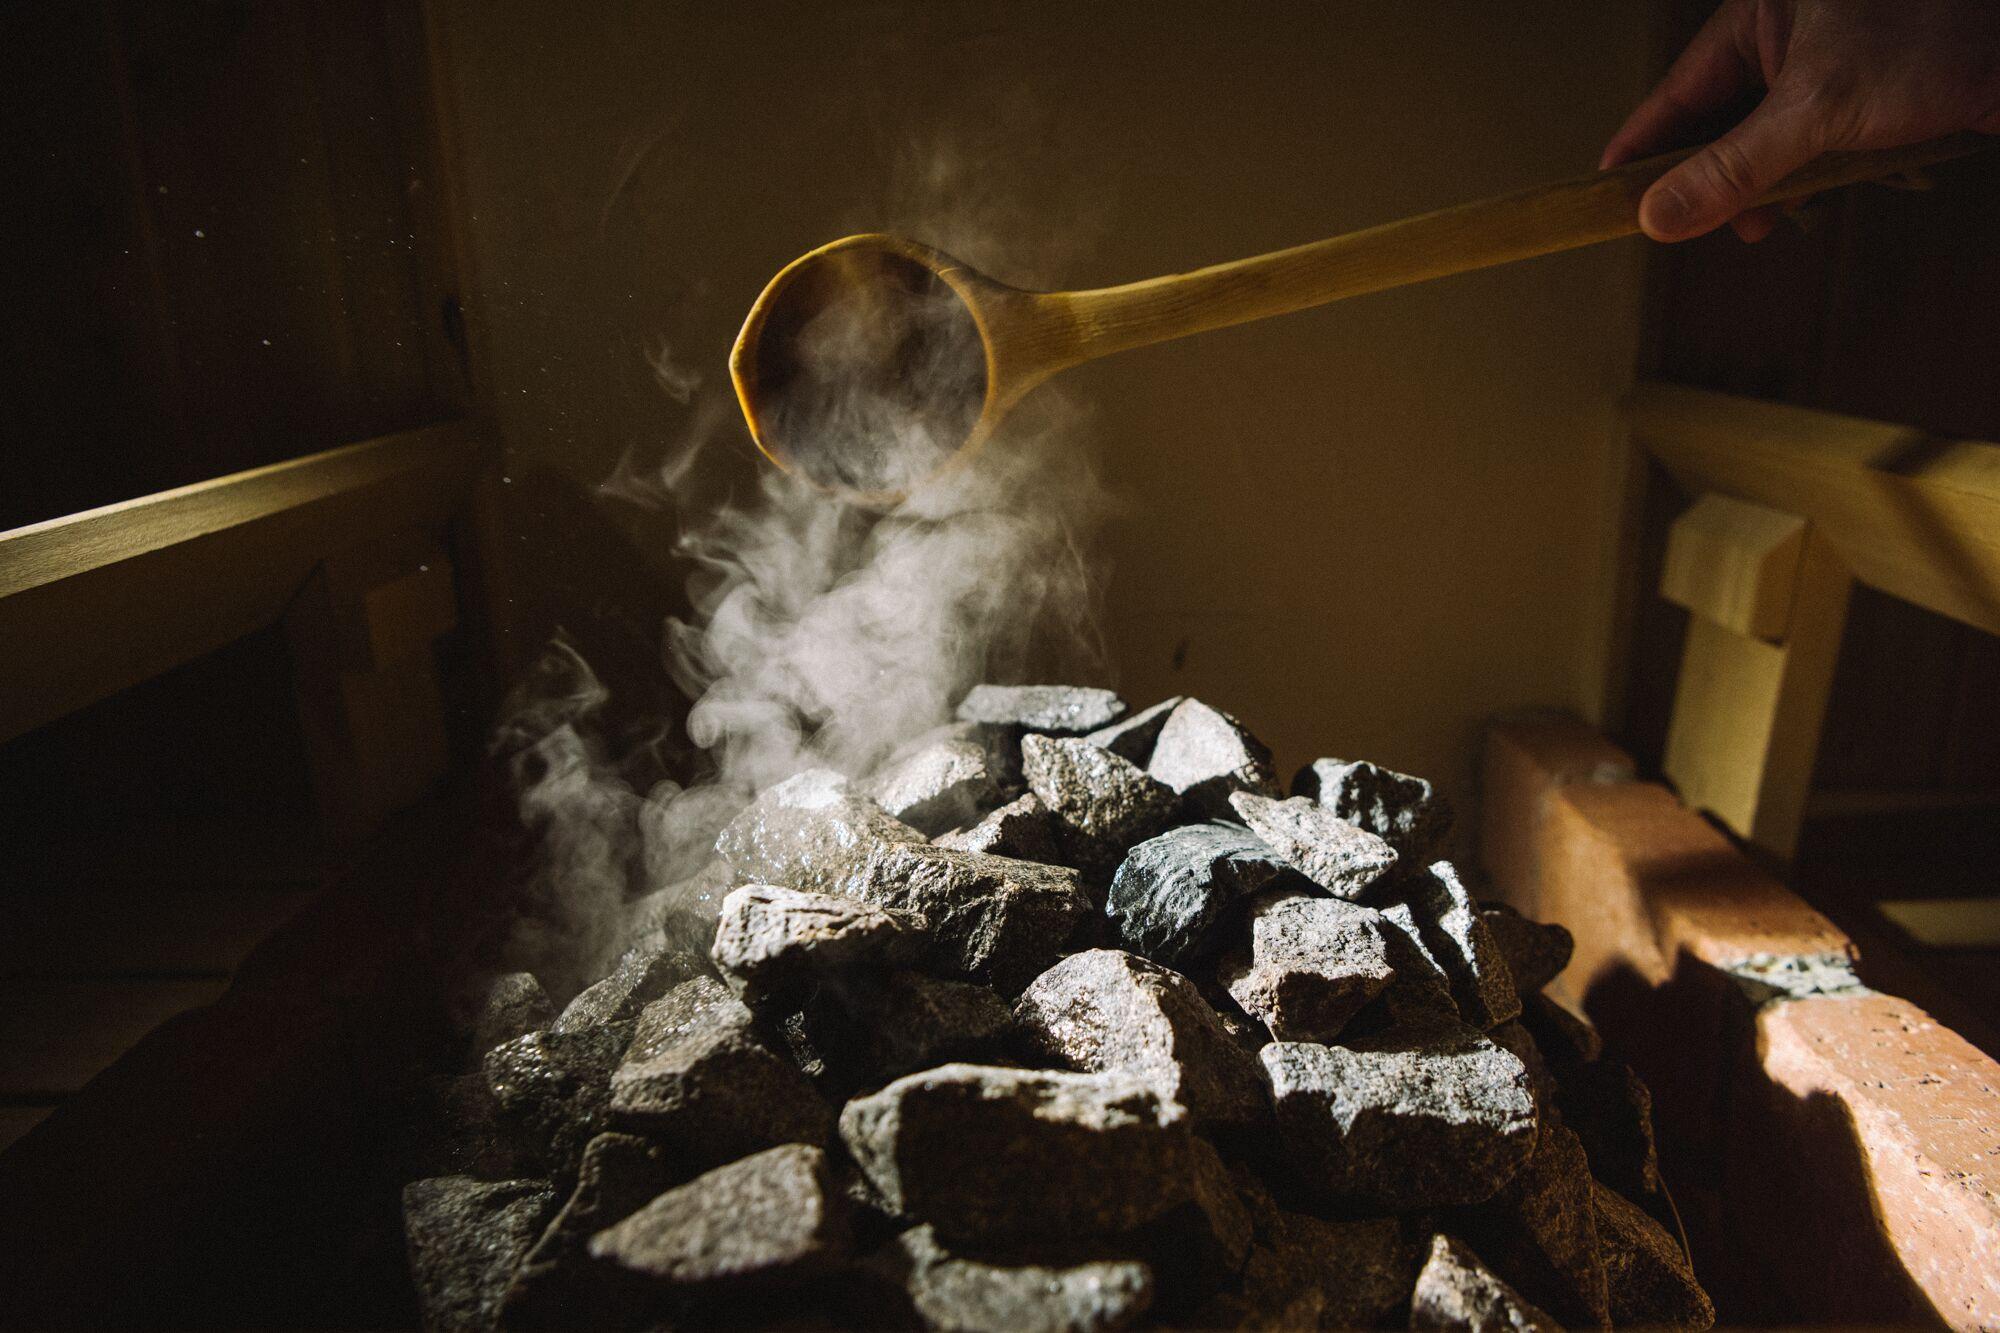 癒しを求める女子におすすめ。日常の中で気軽に楽しむフィンランドサウナ「SaunaLab」 - ab99bbb2f543b680019c6198b75eaa6b